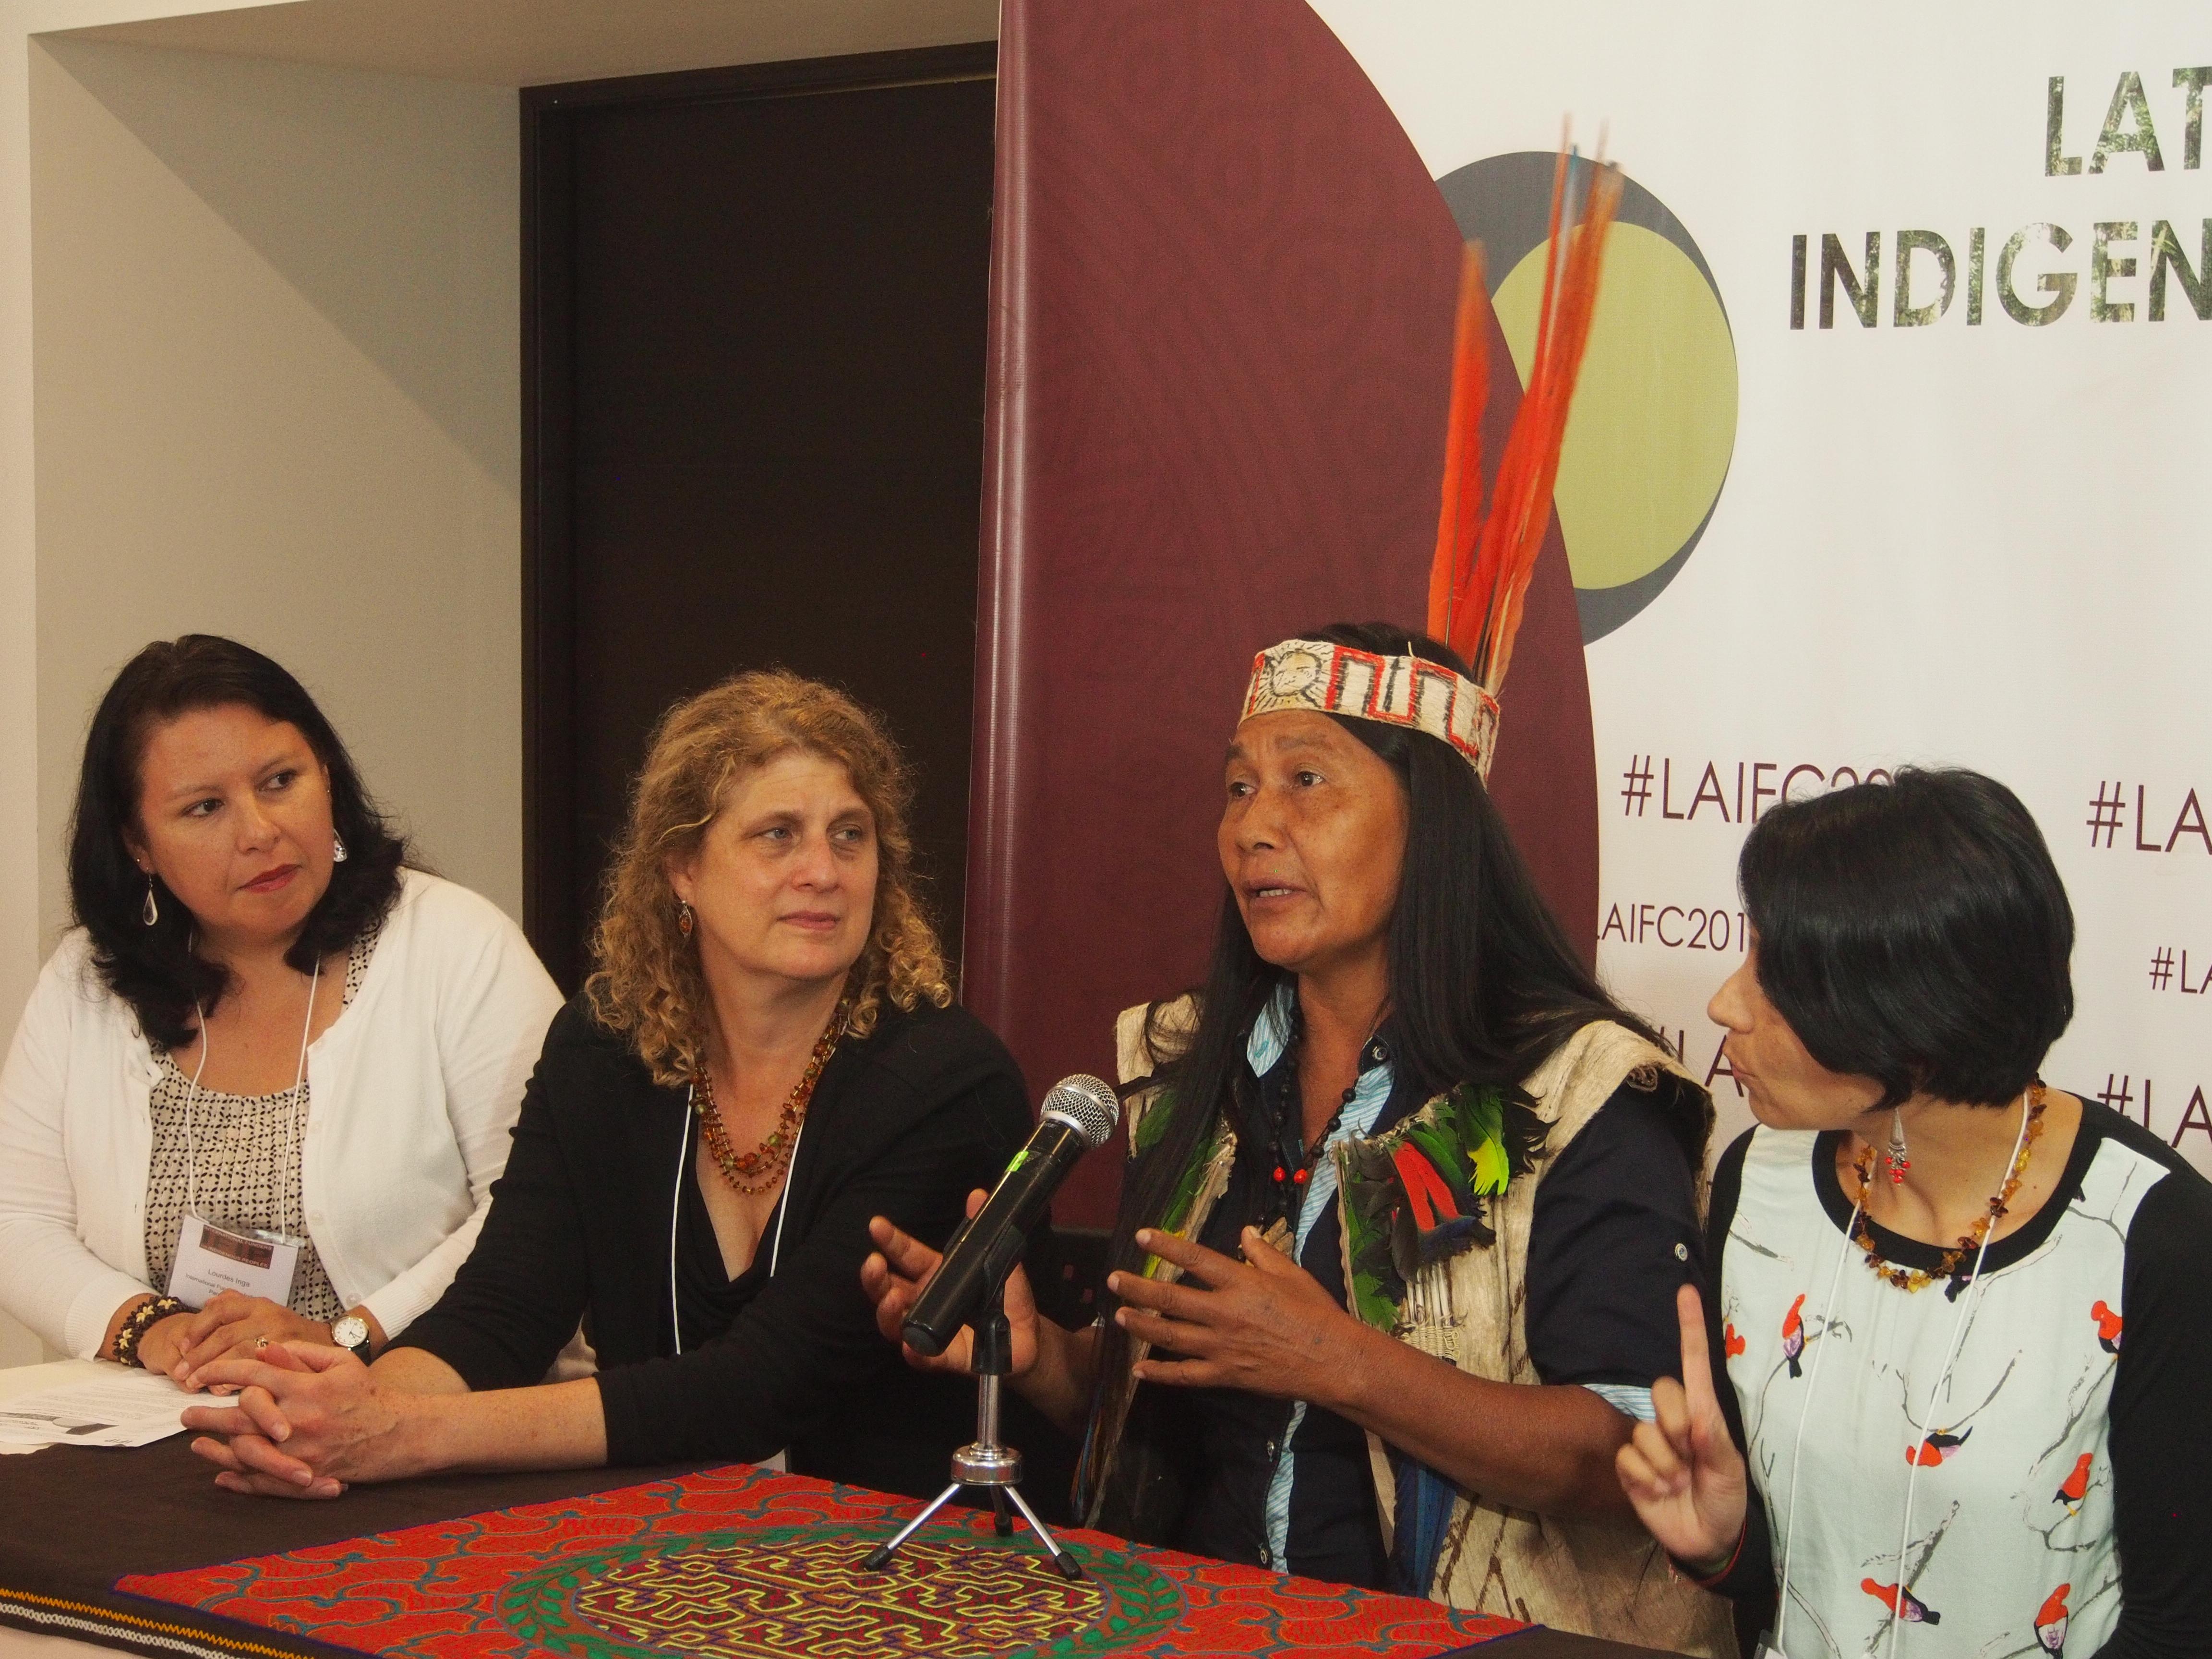 Indígenas de América Latina denuncian persecución judicial y advierten sobre riesgos para el medioambiente